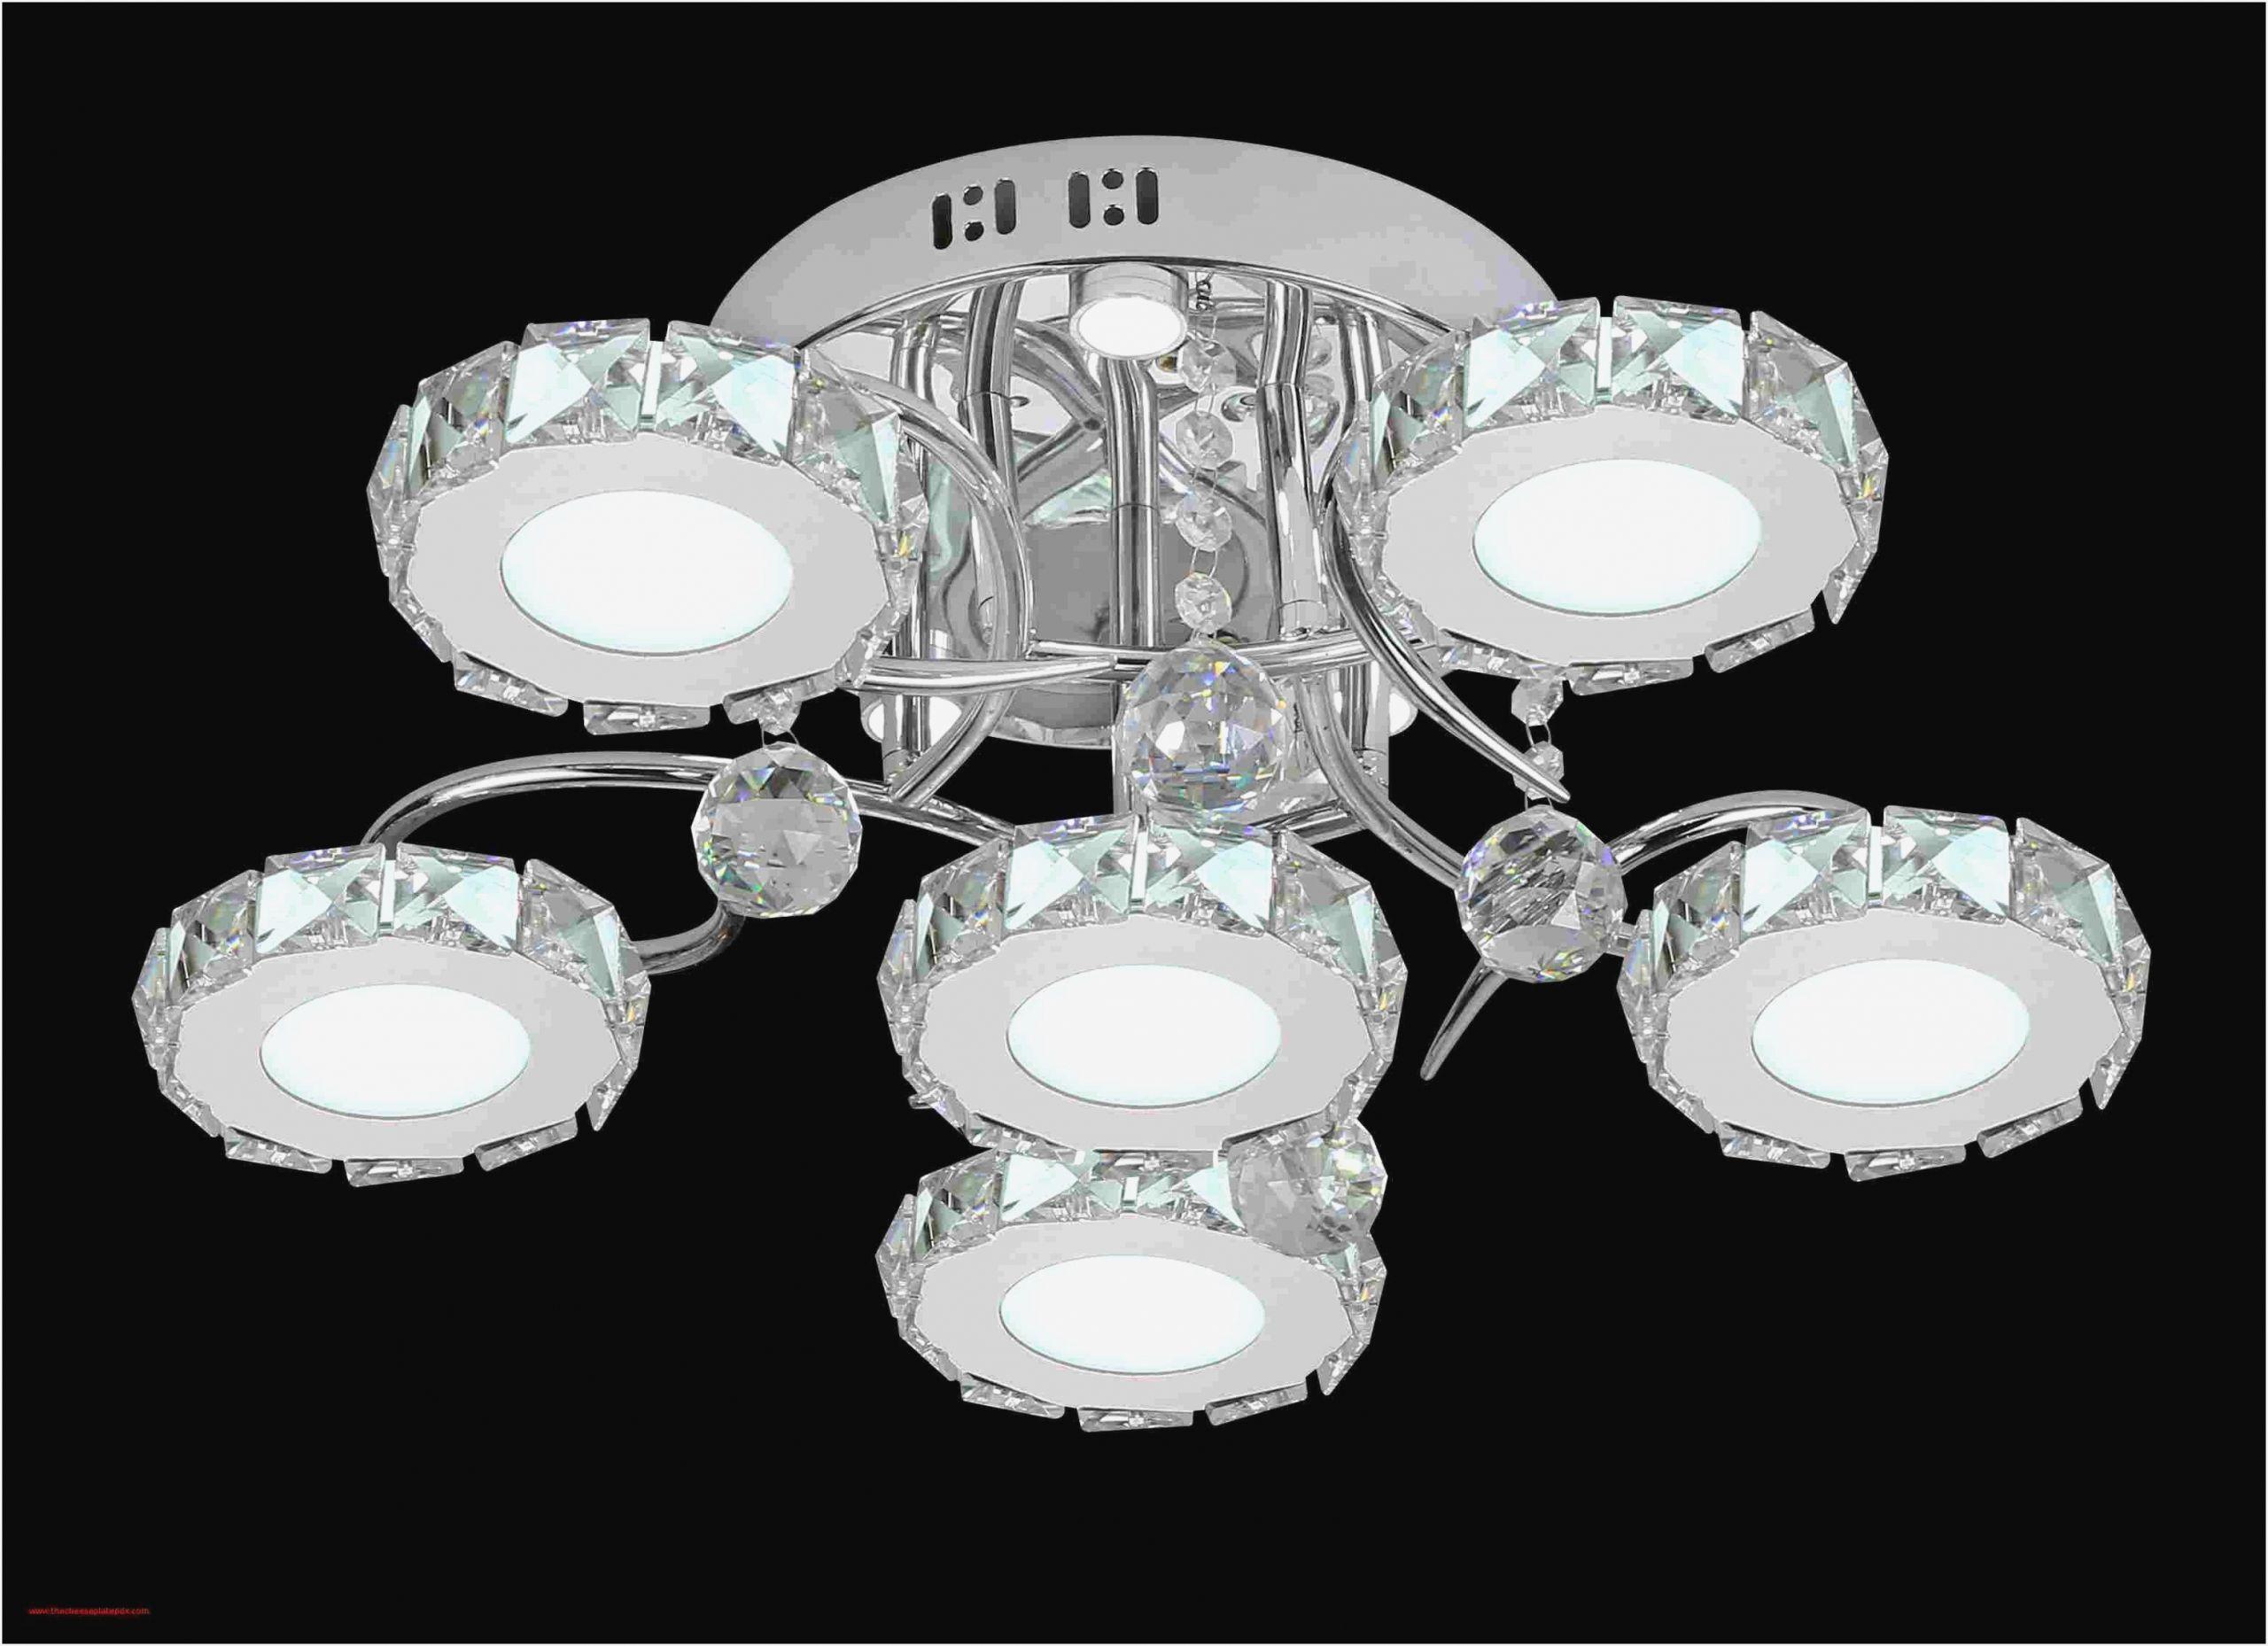 Full Size of Deckenleuchte Wohnzimmer Led Dimmbar Traumhaus Deckenstrahler Pendelleuchte Moderne Stehlampe Spiegel Bad Deko Deckenlampe Rollo Beleuchtung Decken Wohnzimmer Deckenleuchte Wohnzimmer Led Dimmbar